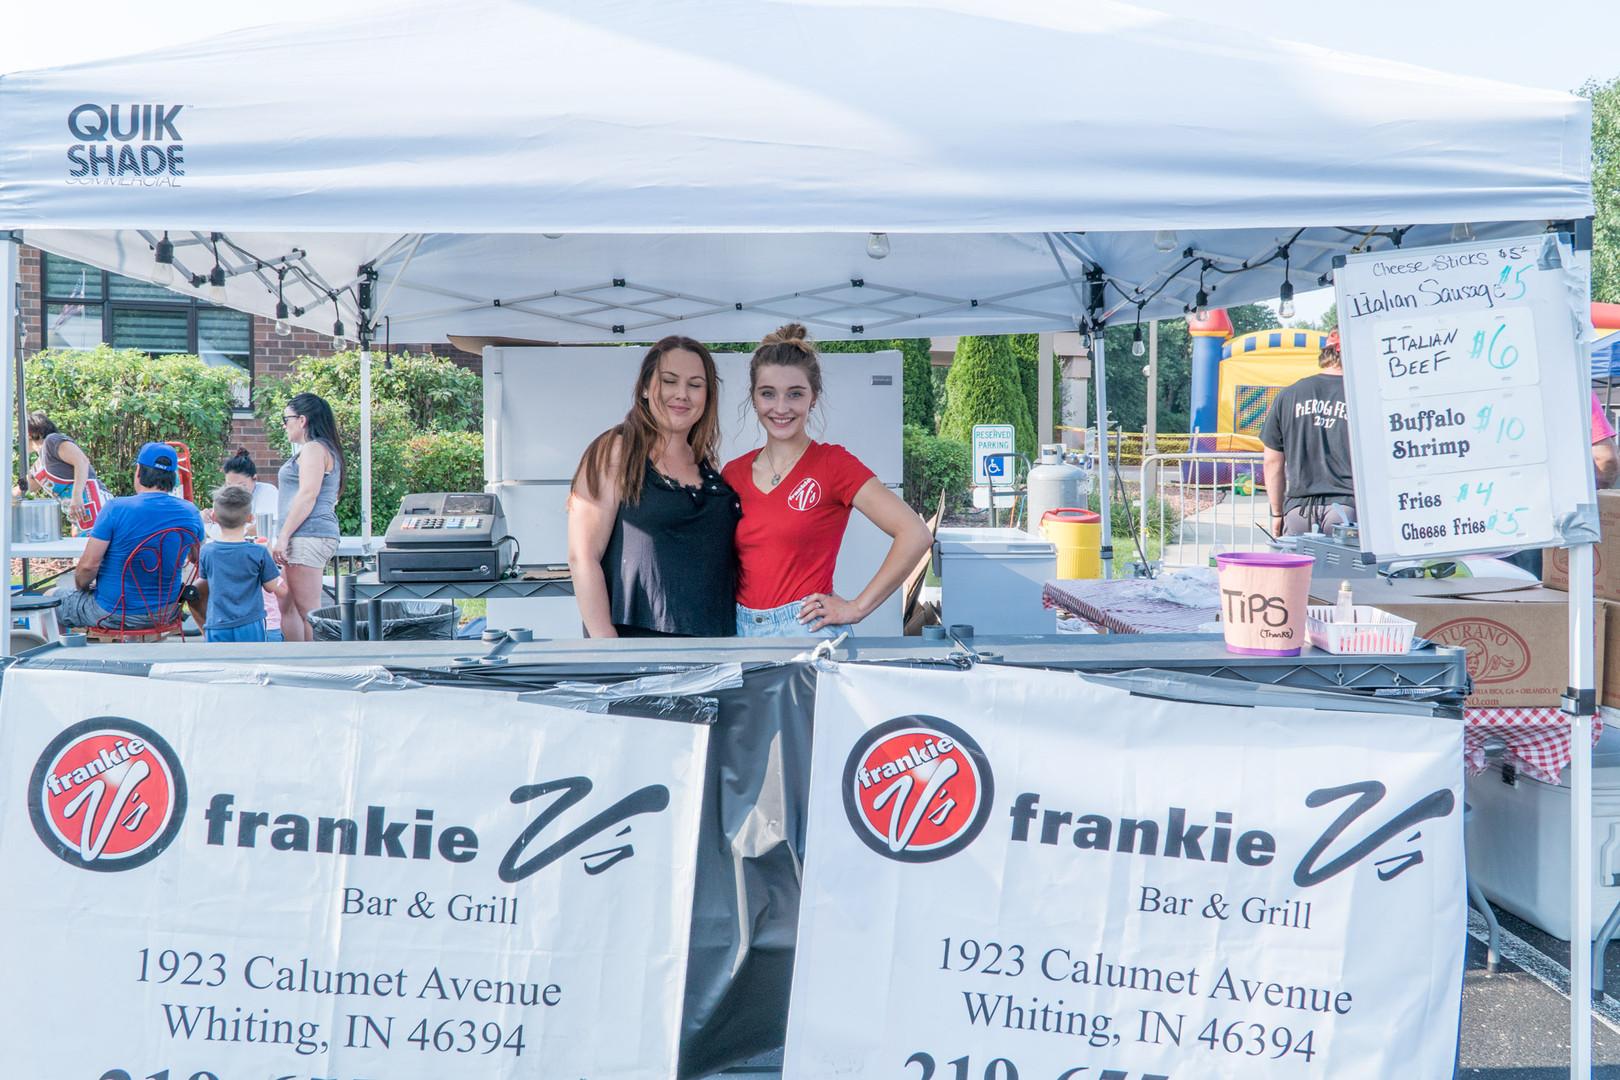 Frankie V's